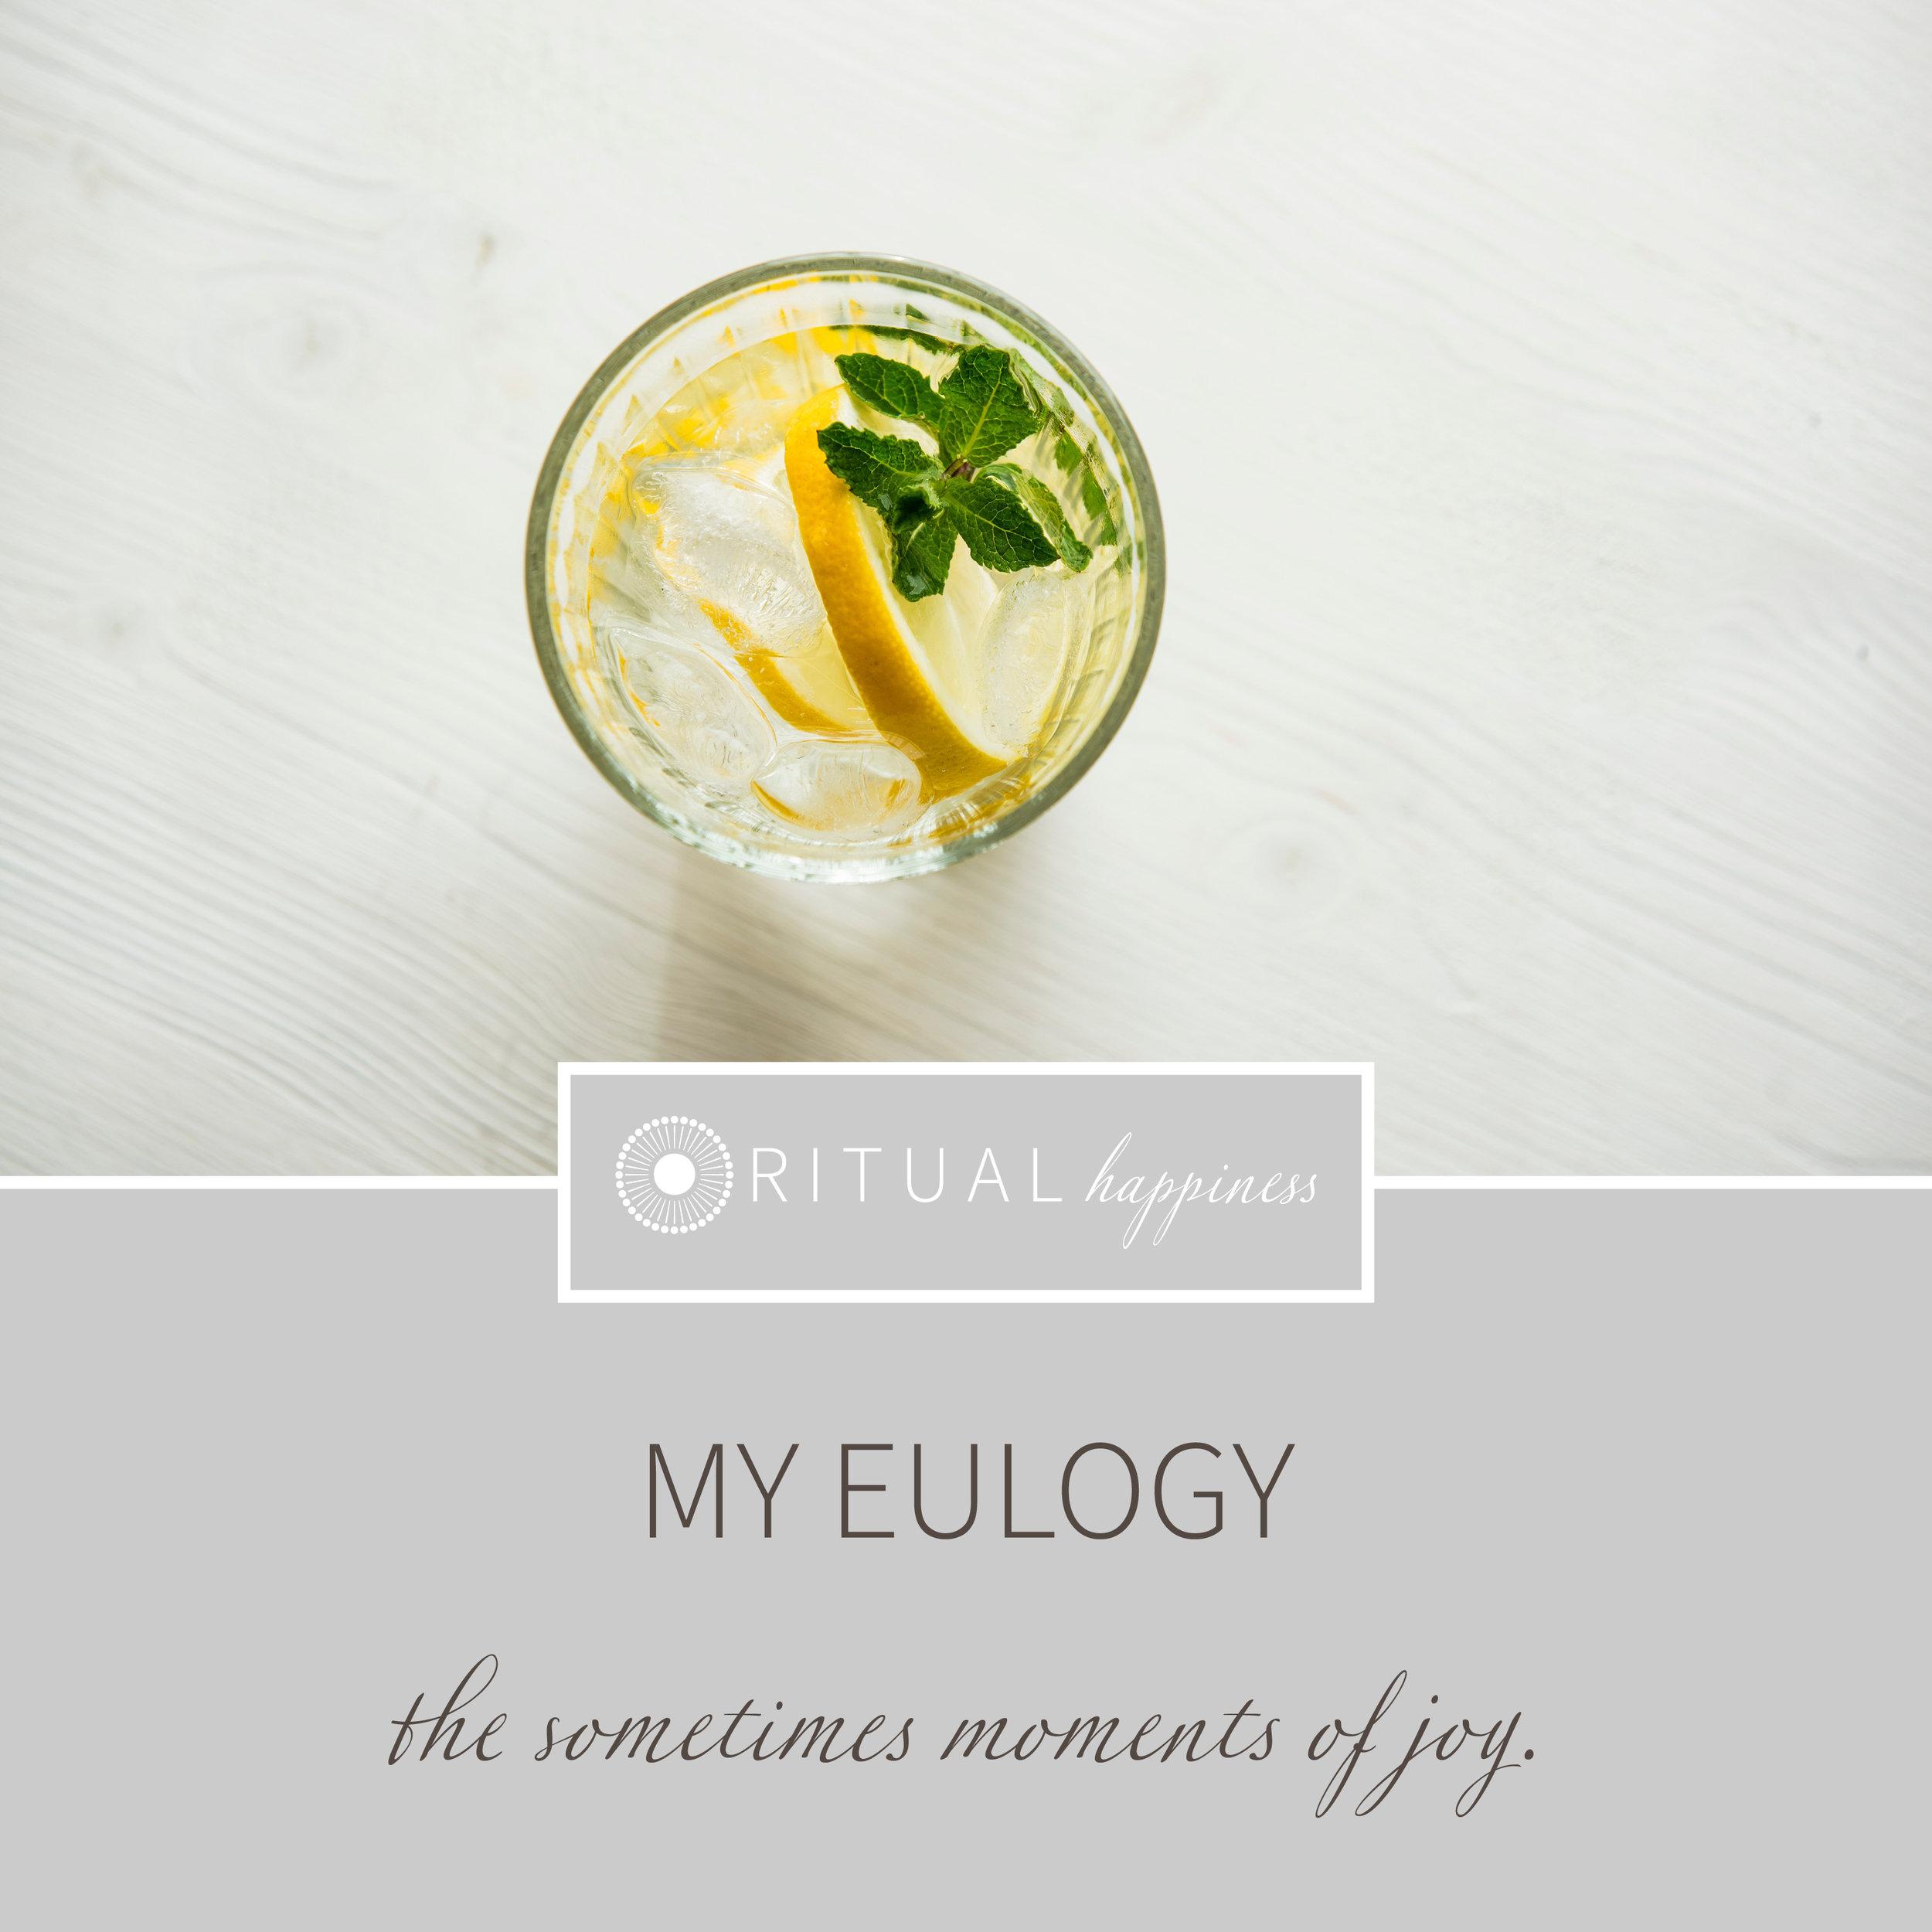 MyEulogy_joy_1.jpg